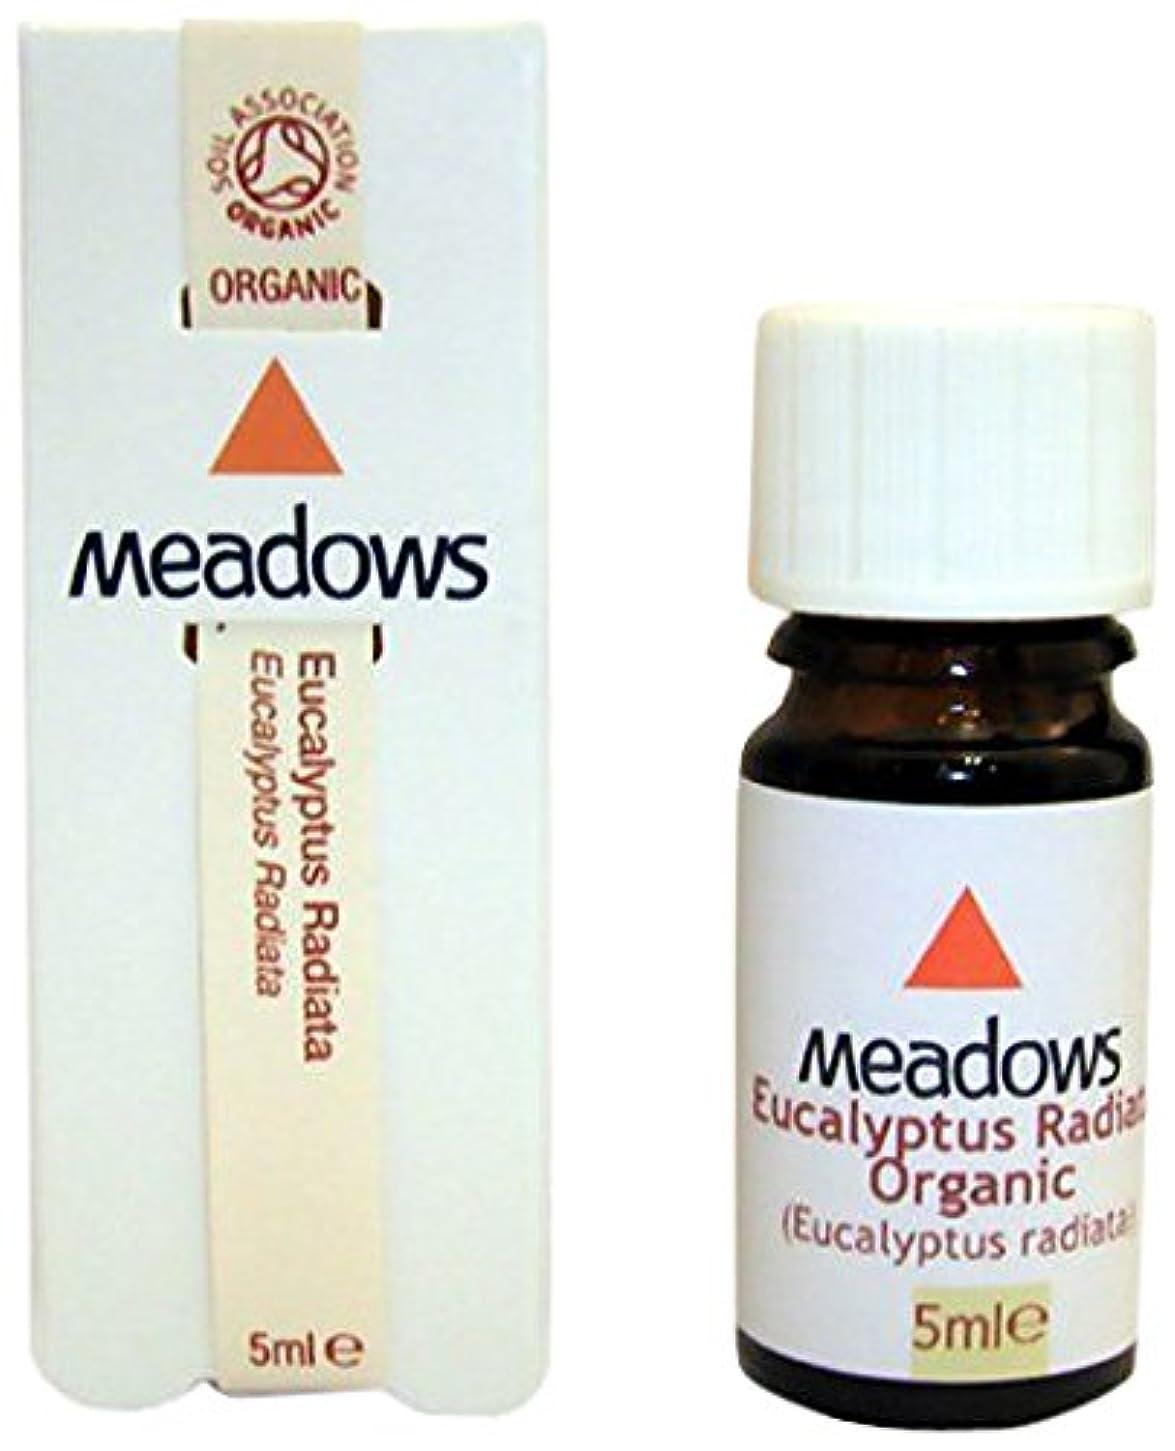 清める新鮮な始めるメドウズ エッセンシャルオイル ユーカリ(グロブルス) 10ml